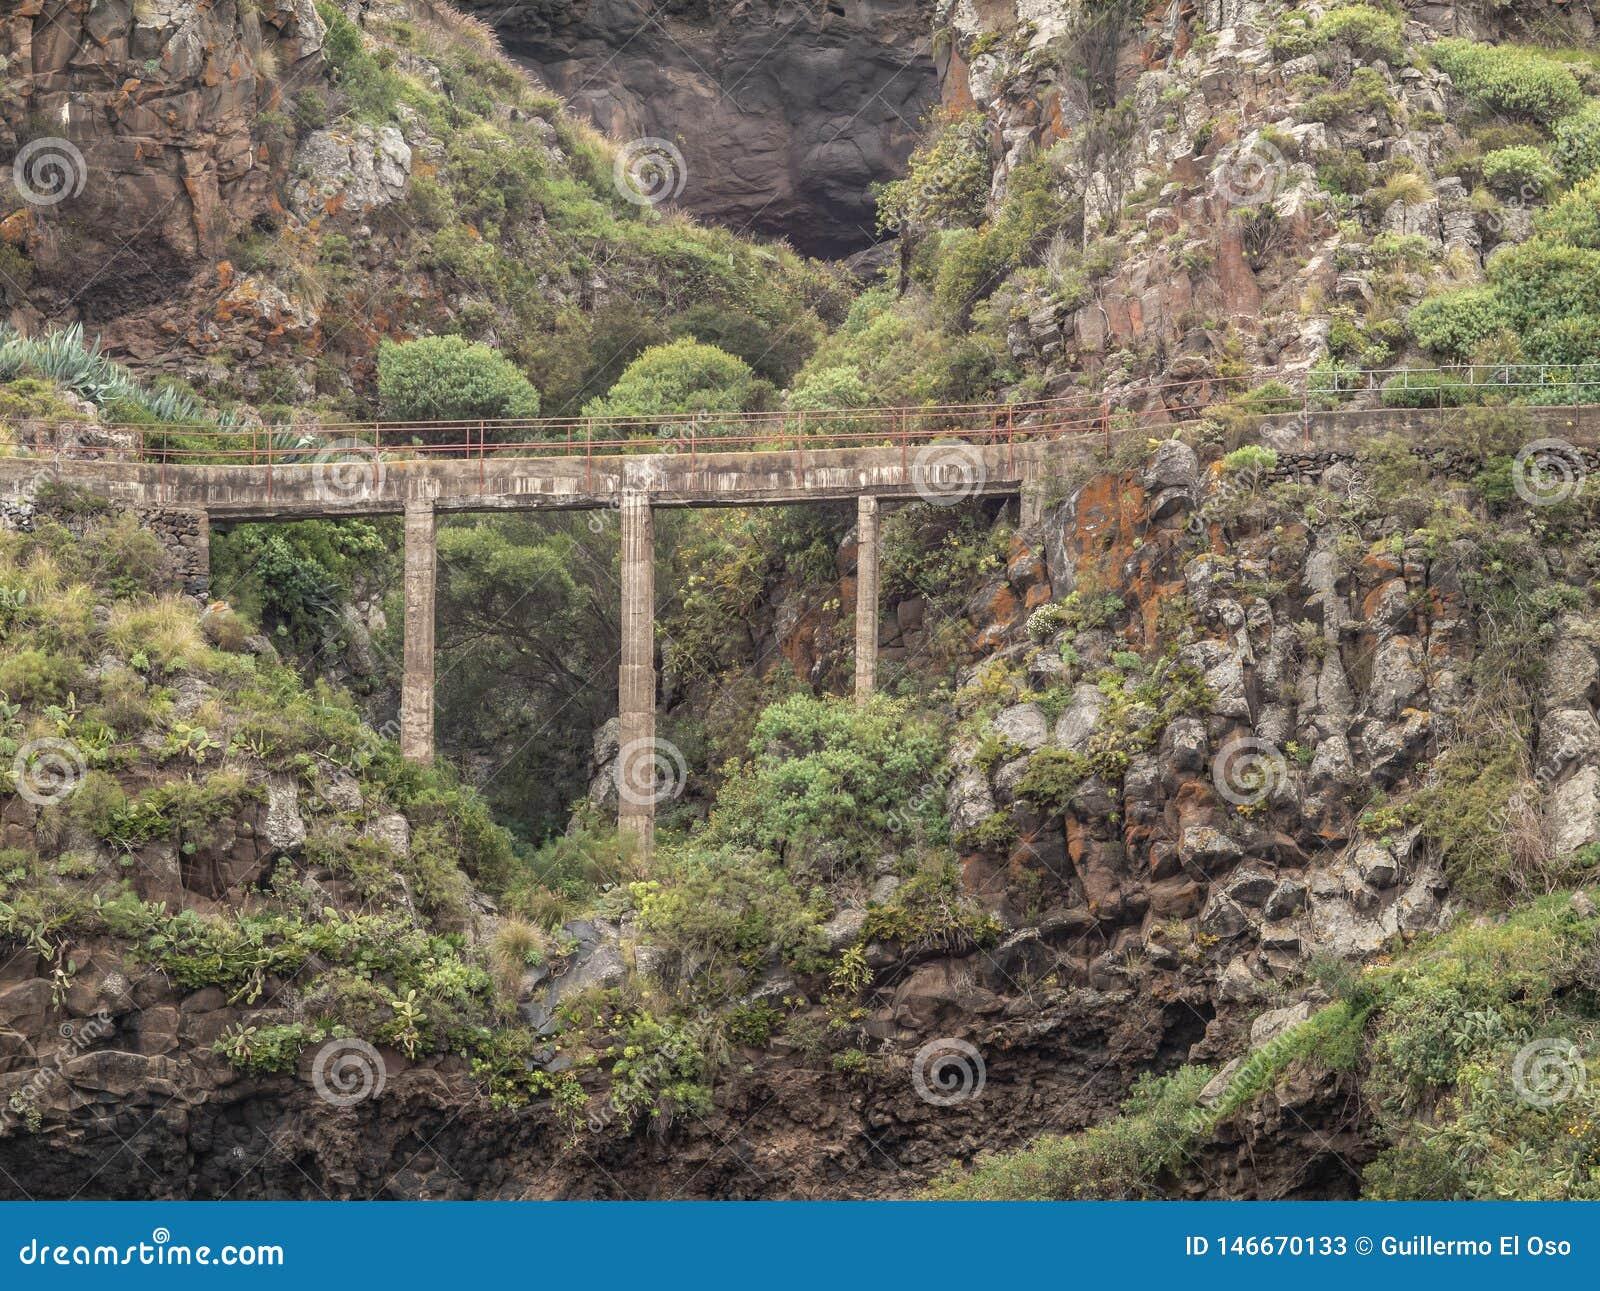 Spectacular view of a bridge over a barranco en tenerife